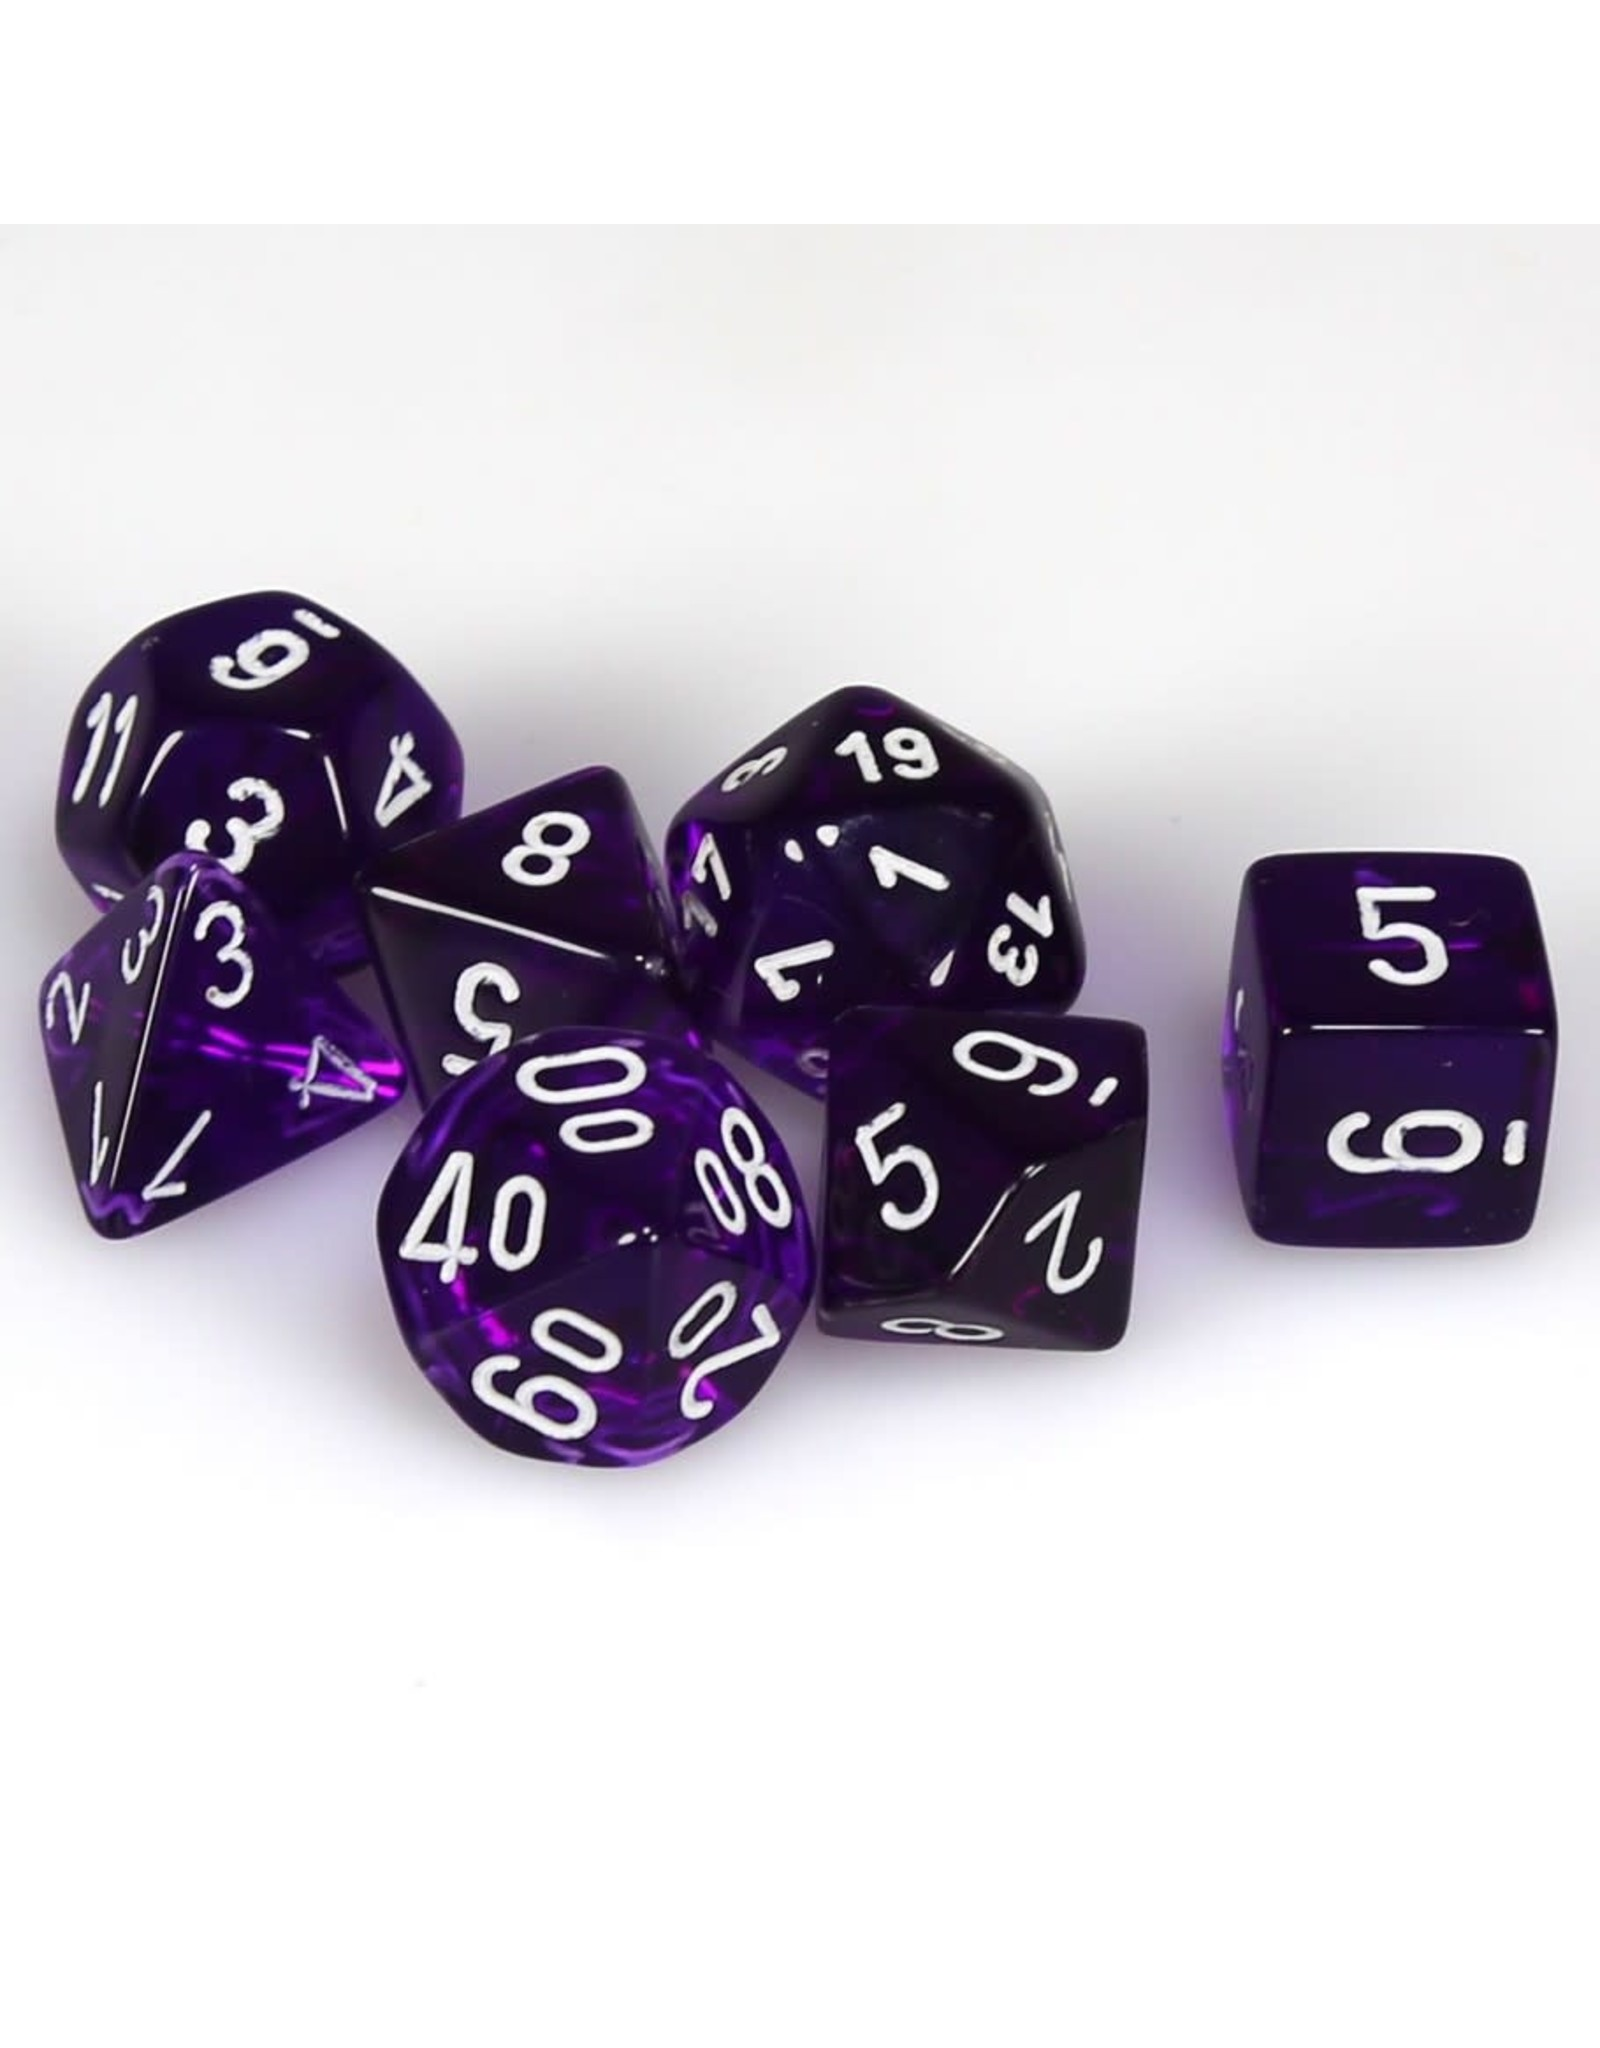 7 Die Set Translucent Purple/White